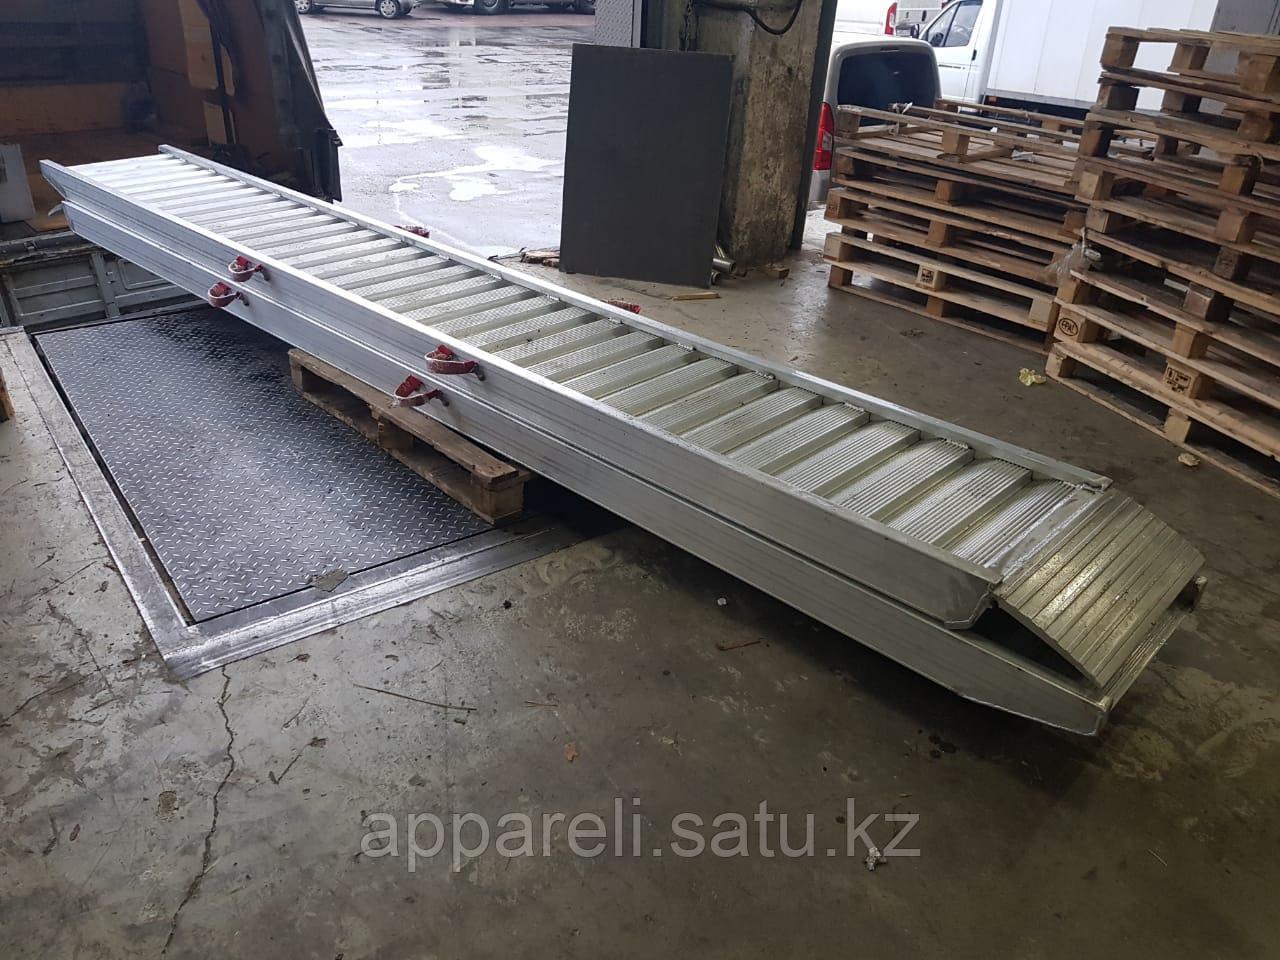 Сходни для заезда алюминиевые 7,5 тонн